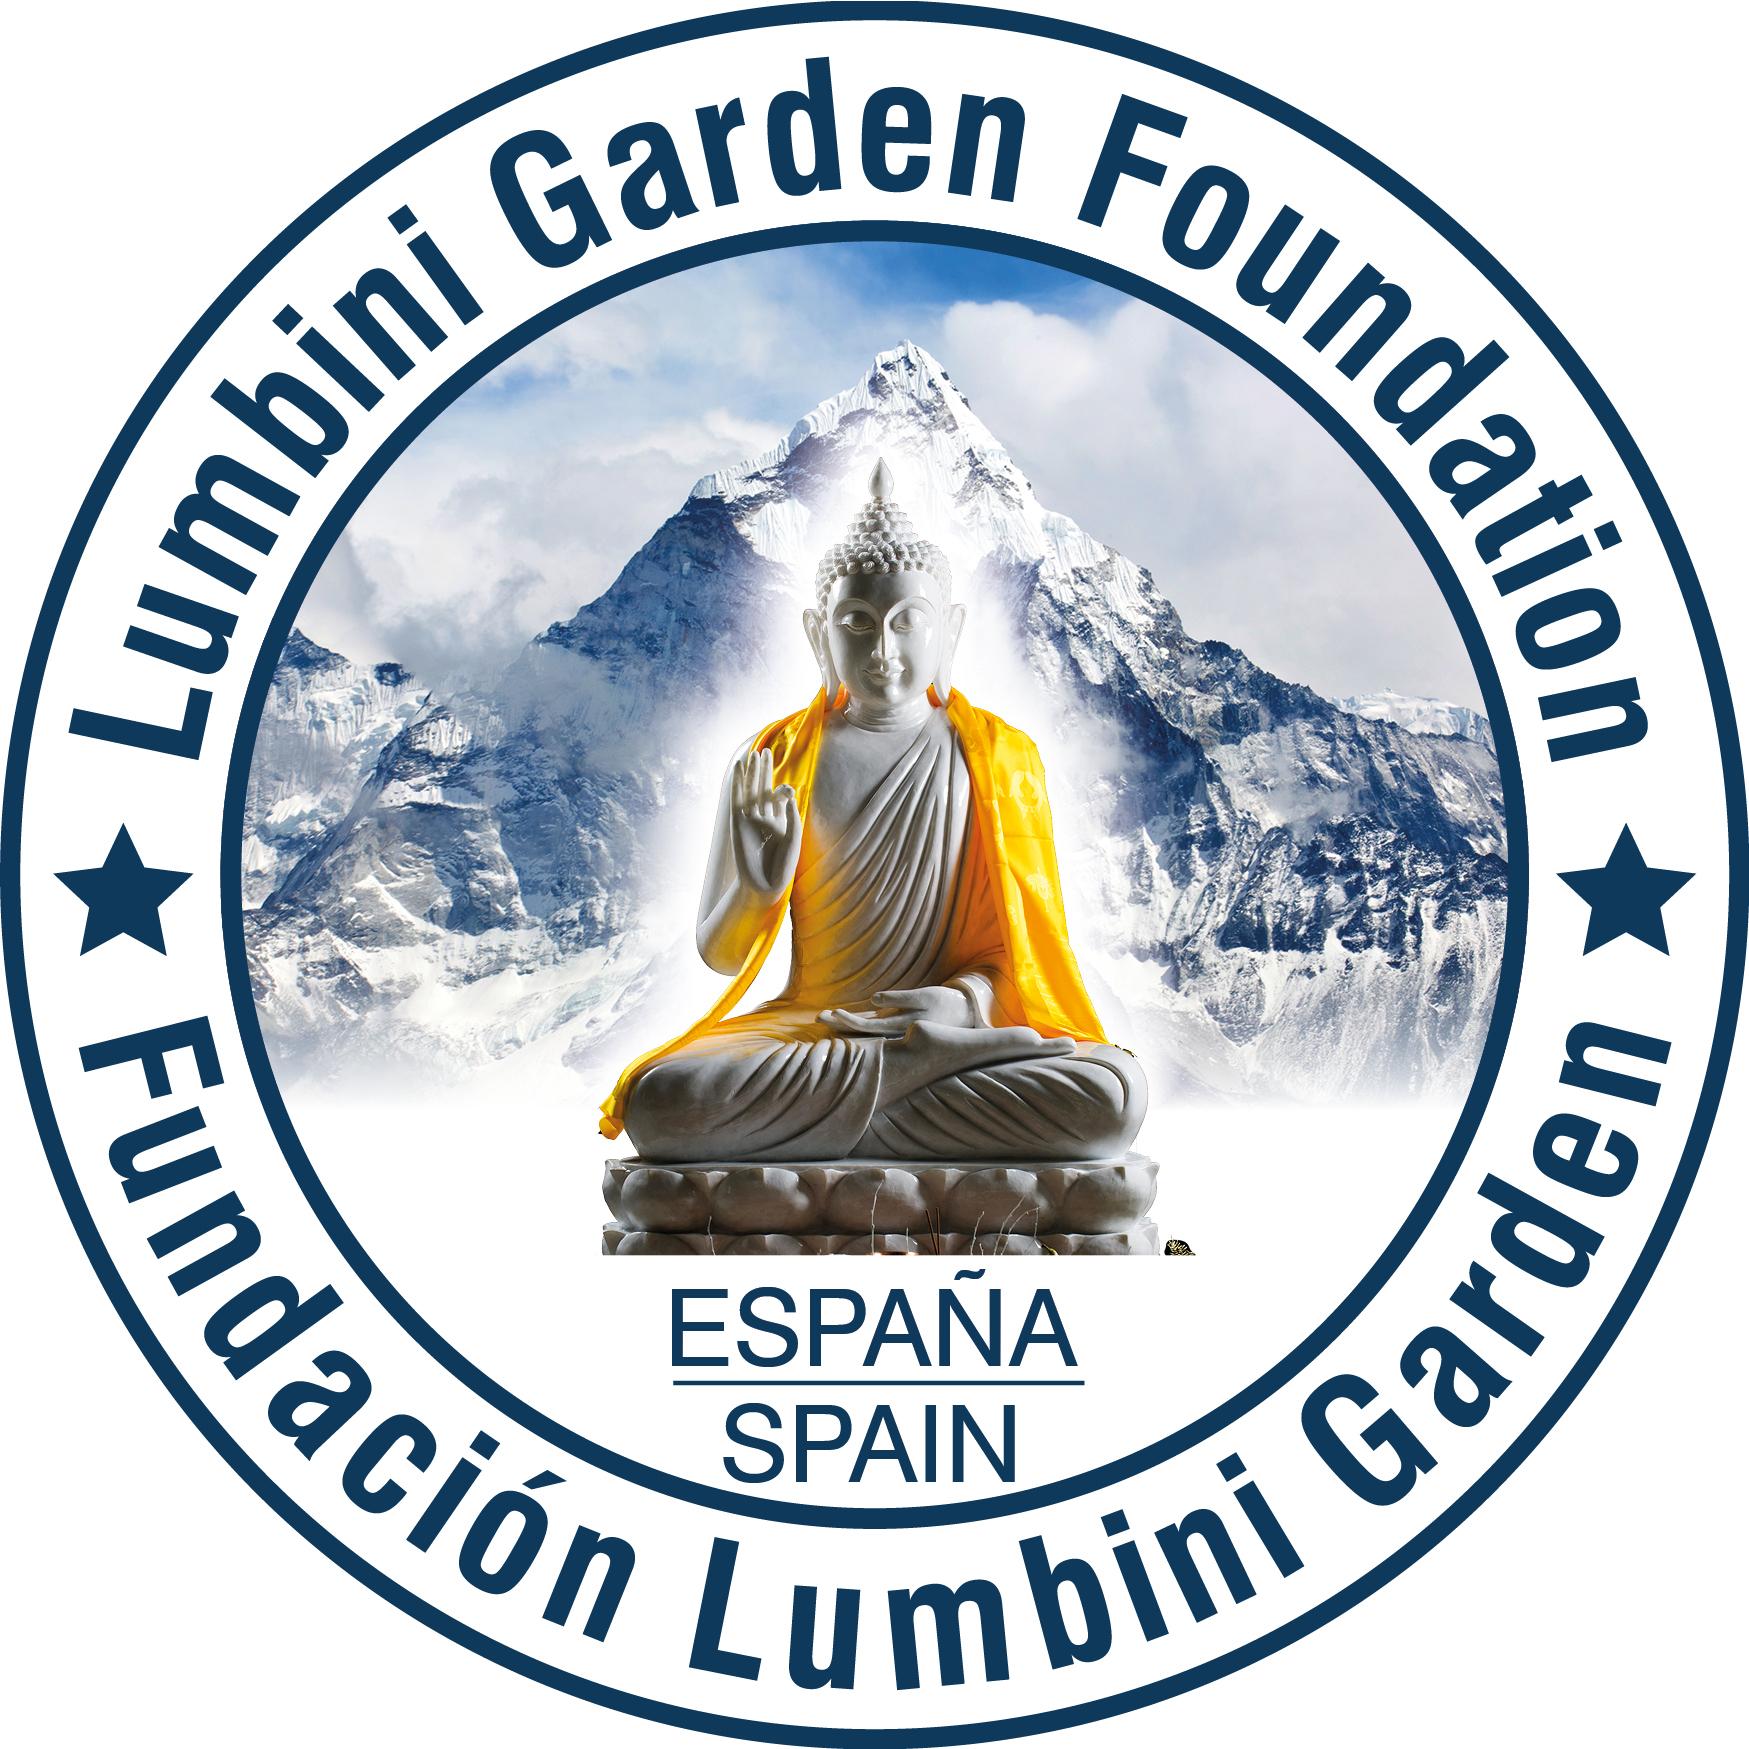 Lumbini Garden Foundation